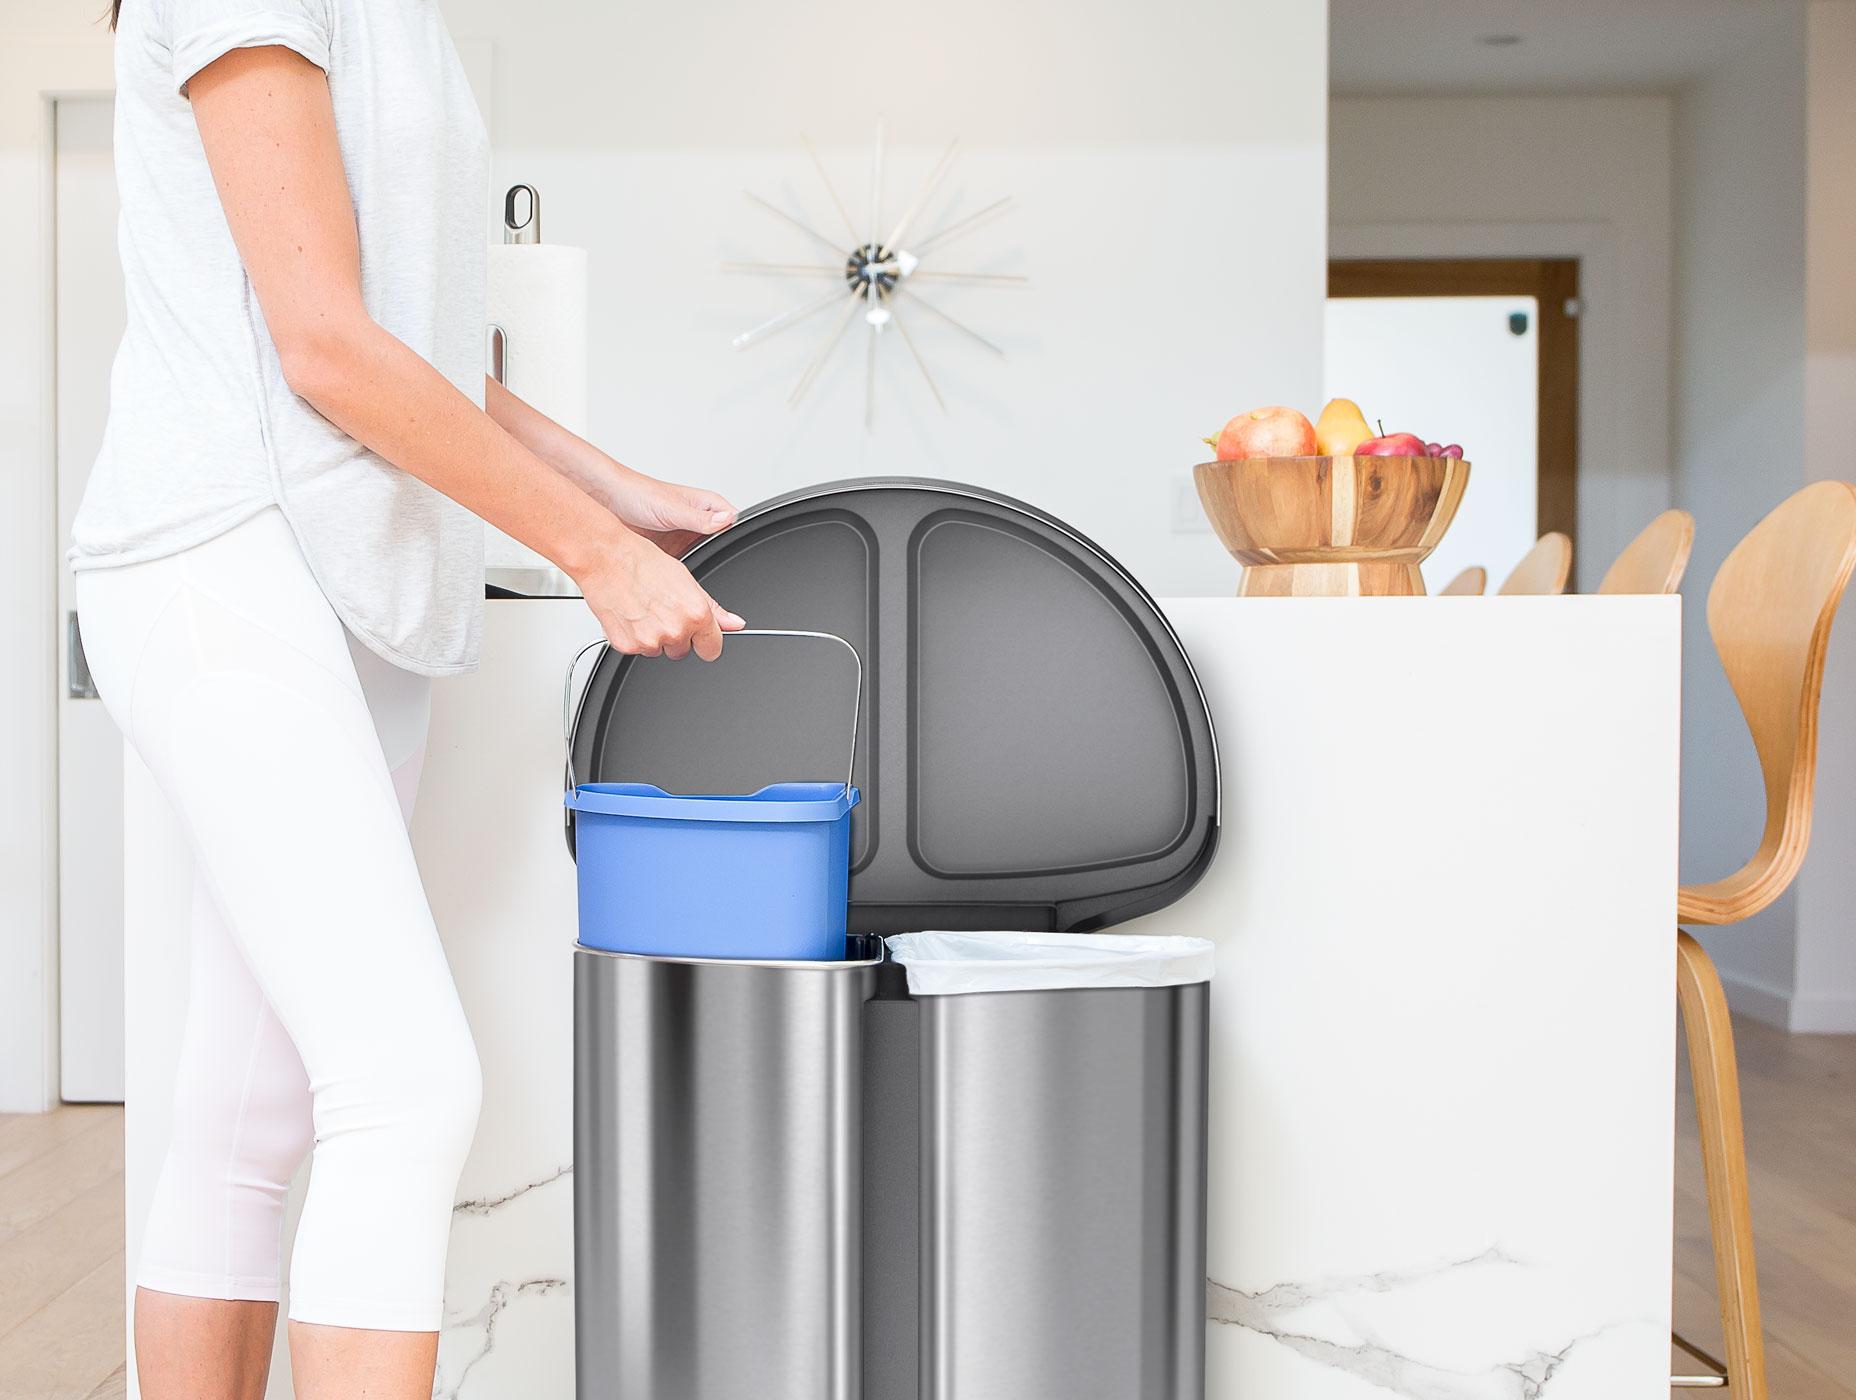 trash can recycling ct2.1 dt 2x 19 42 648432 - Dapatkan Dapur Yang Sentiasa Bersih Dan Segar Dengan 6 Tip Mudah